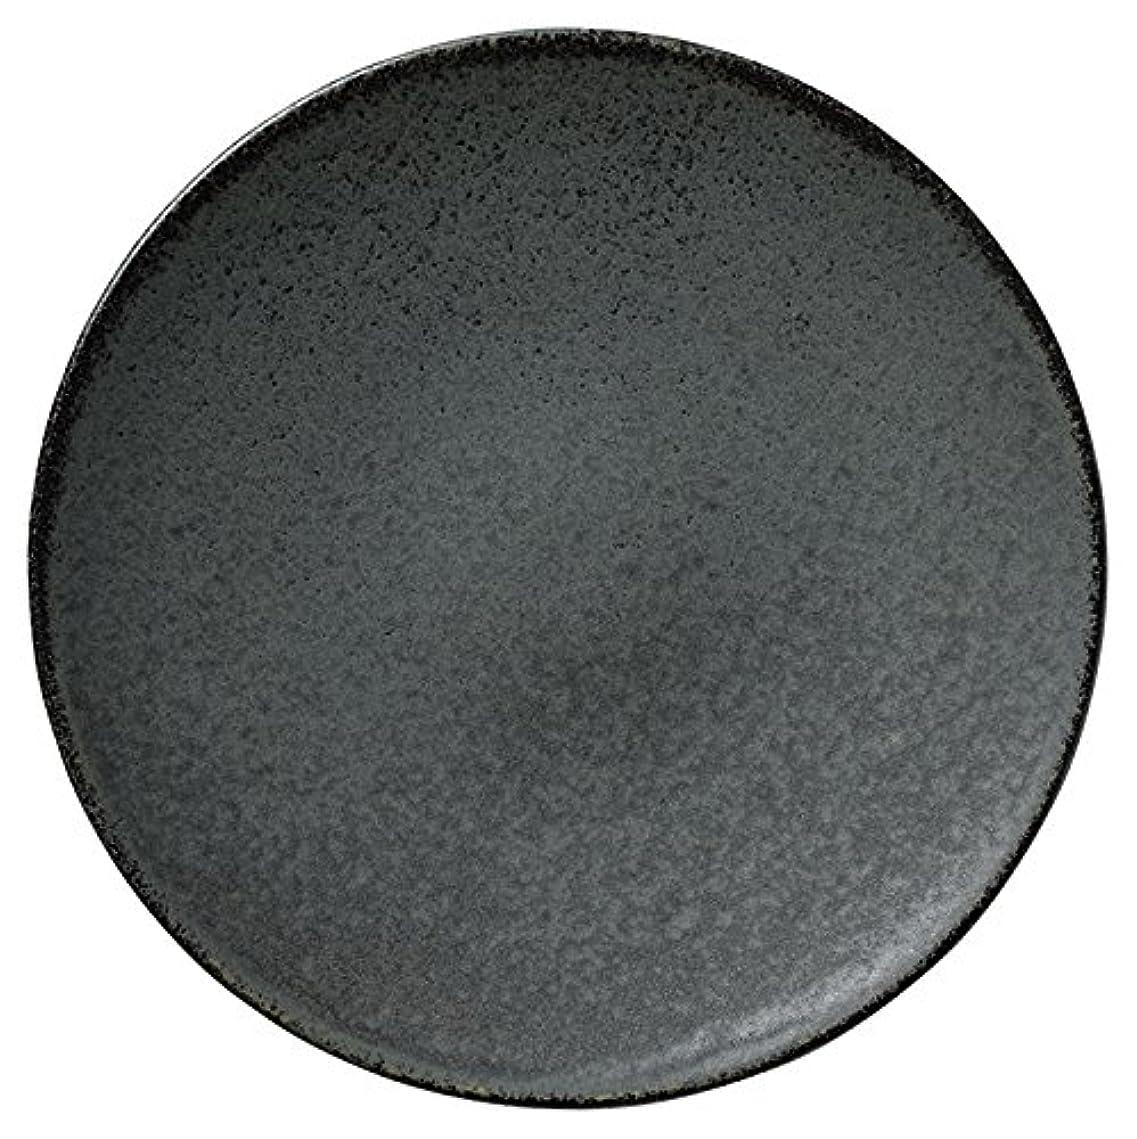 オン終了しました役に立つ業務用食器 黒滴 皿 6.0 18600006